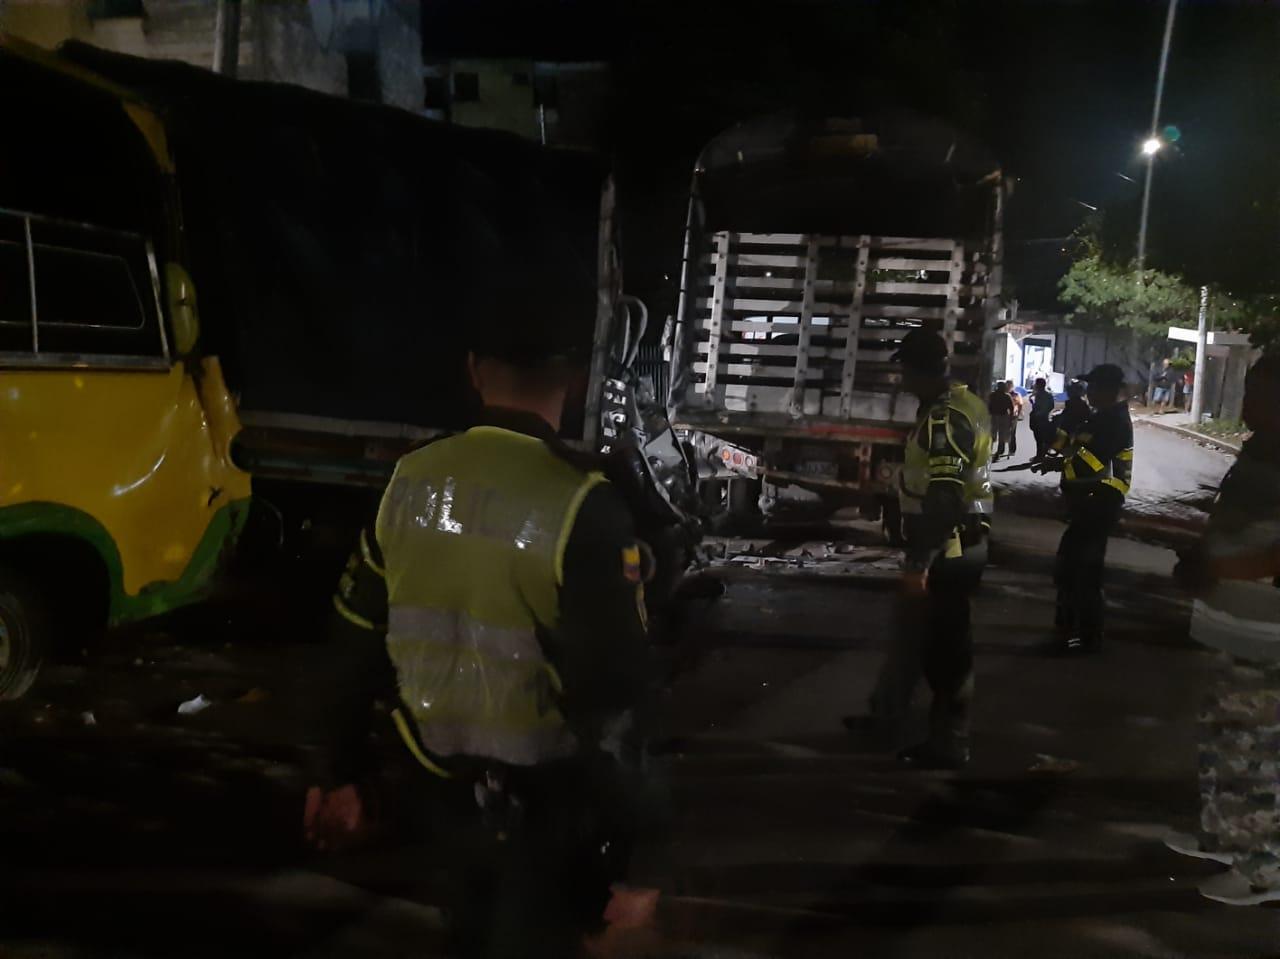 Bus de Transcolombia se quedó sin frenos y dejó 20 heridos | Local | Justicia | EL FRENTE